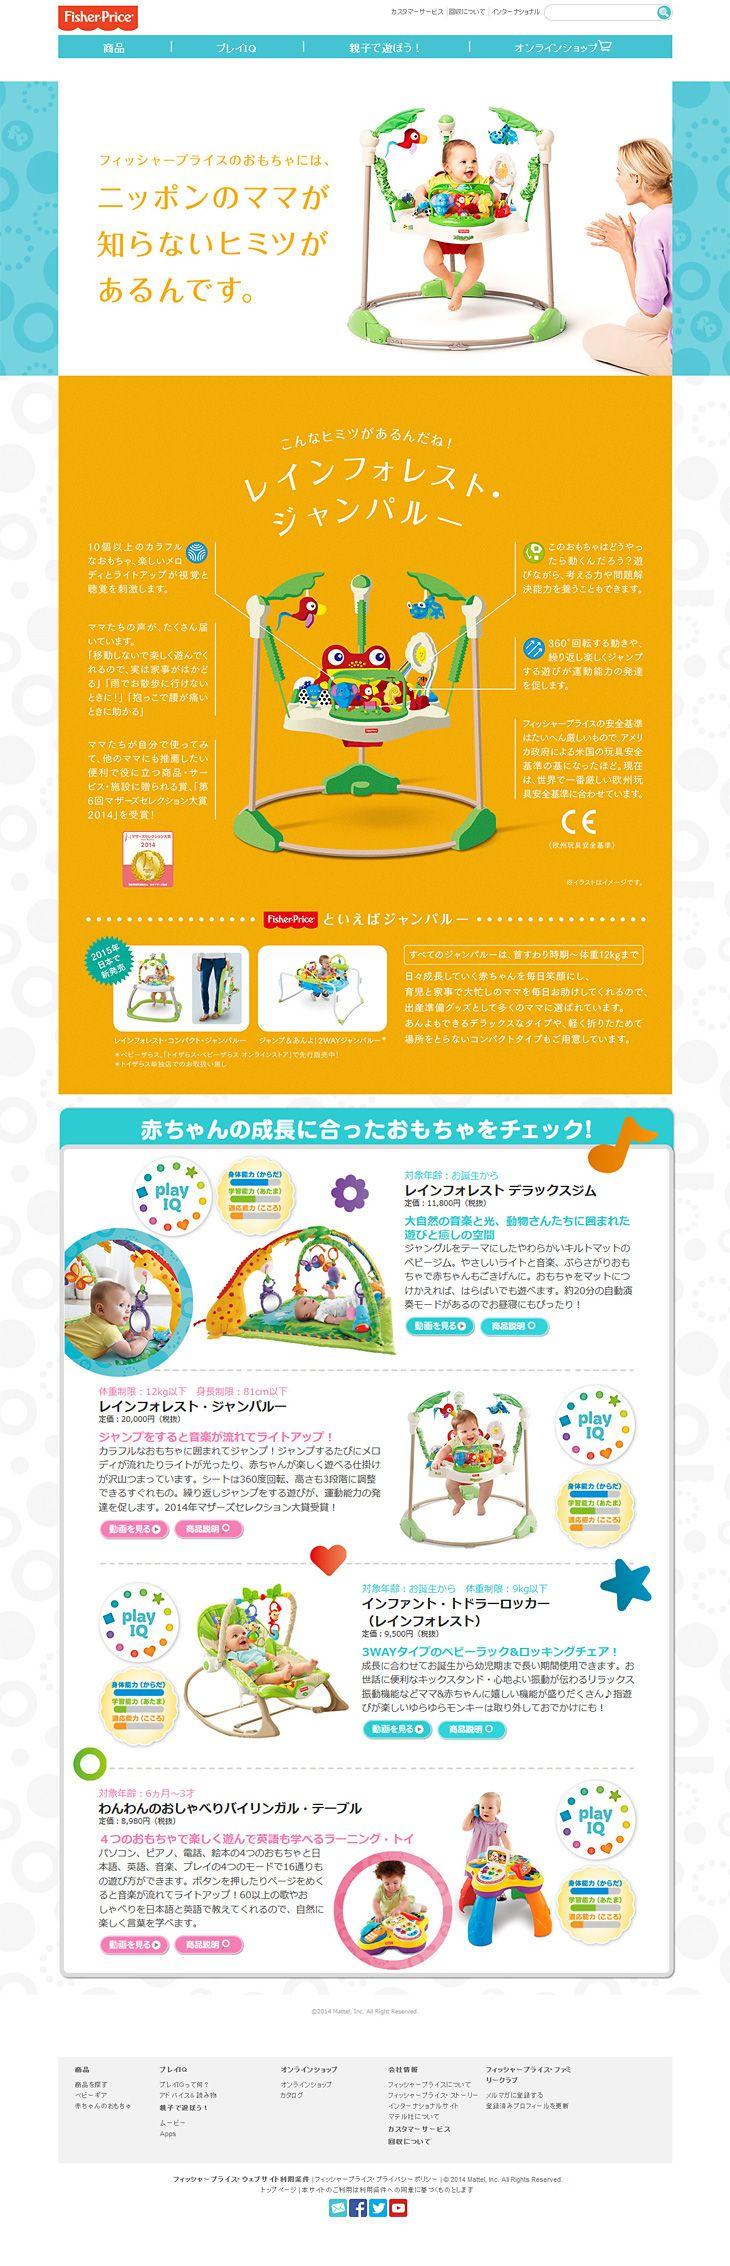 フィッシャープライス【キッズ・ベビー・玩具関連】のLPデザイン。WEBデザイナーさん必見!ランディングページのデザイン参考に(かわいい系)